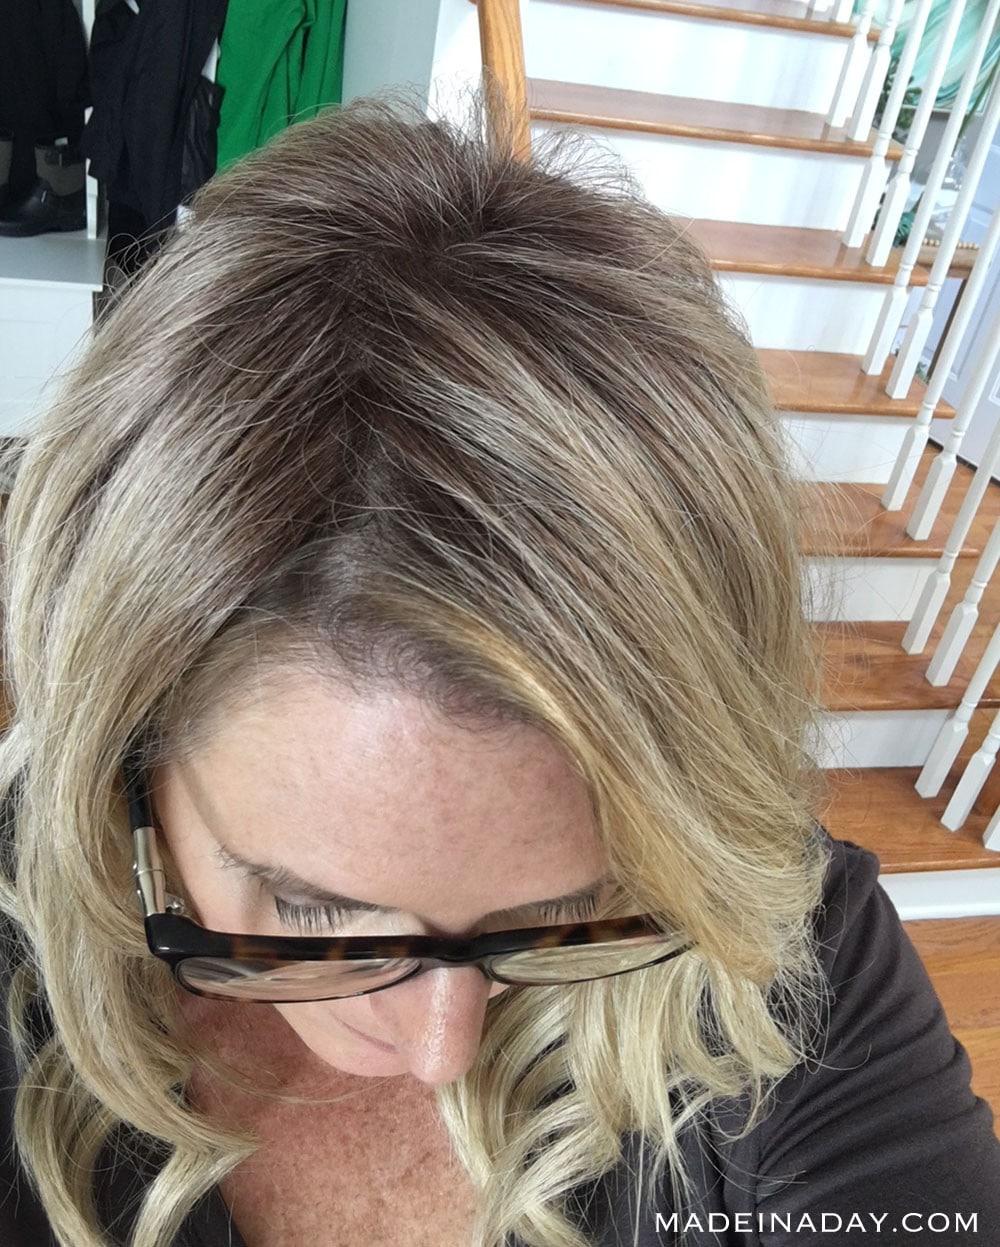 BELLE TRESS MONO LACE FRONT TOP WAVE (part view), best hair topper